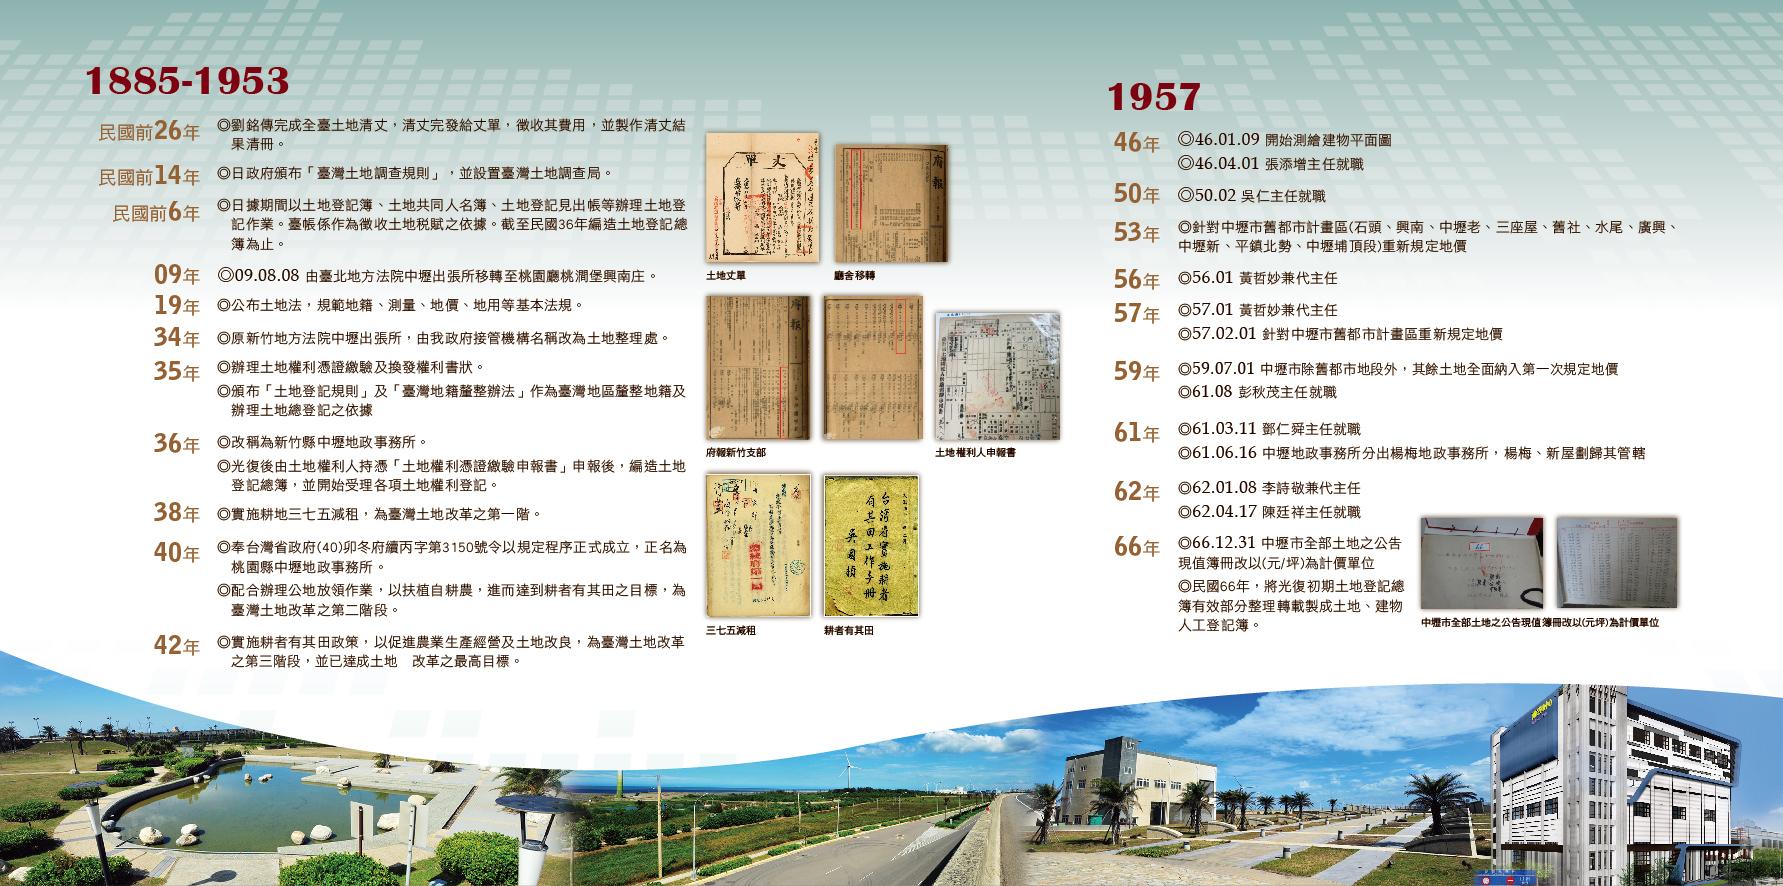 大事紀(1885-1978)